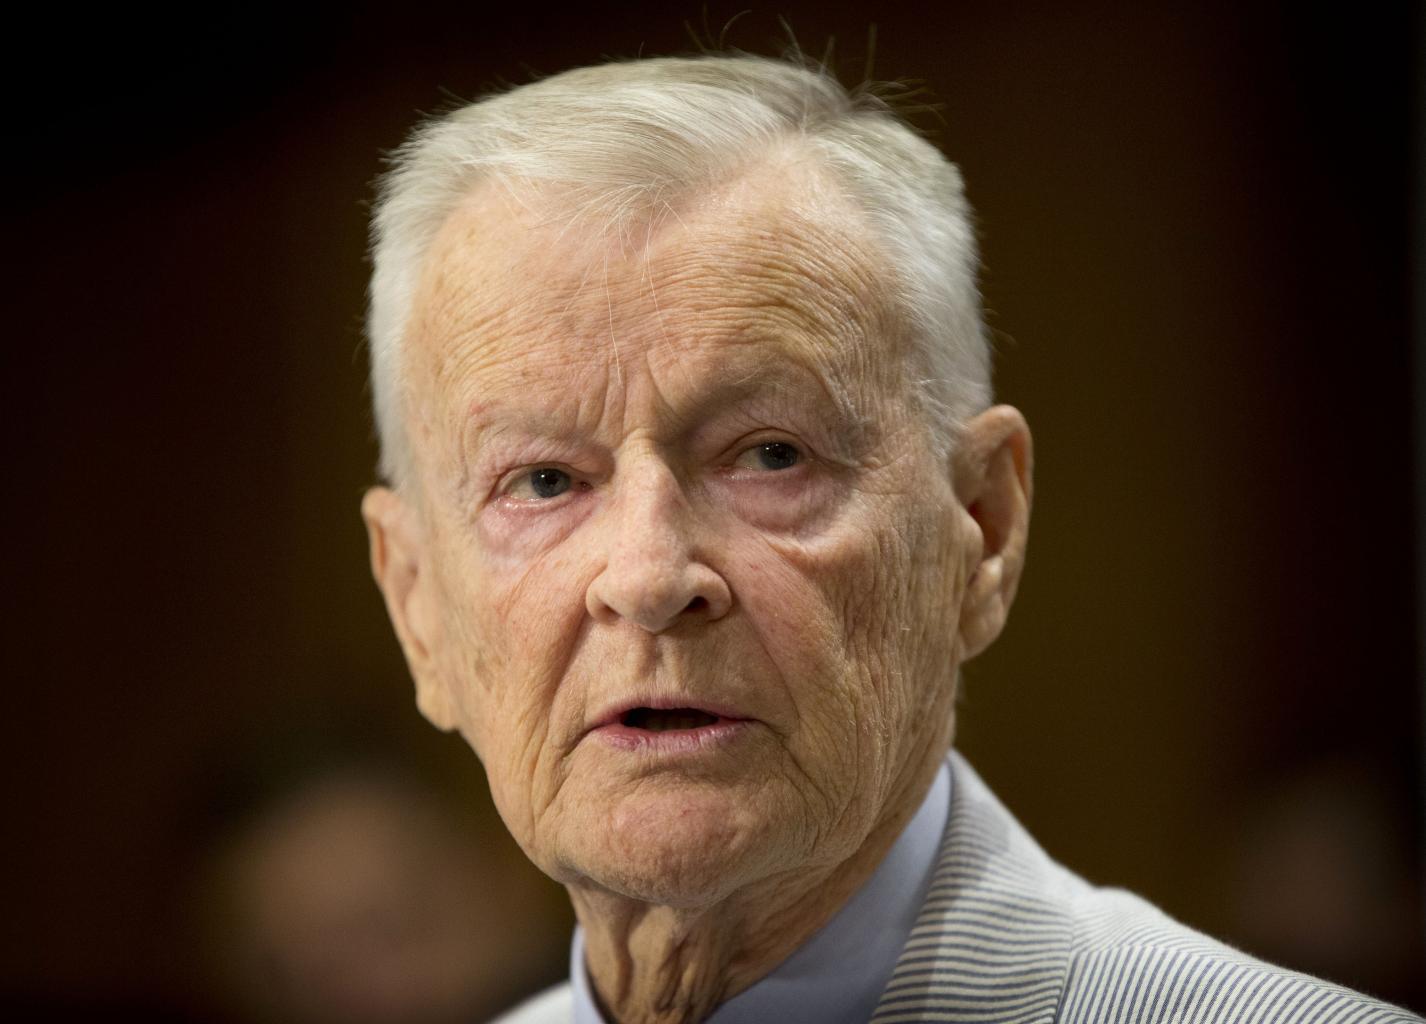 Zbigniew Brzezinski Dies: Jimmy Carter's National Security Adviser & MSNBC Host Mika Brzezinski's Father Was 89